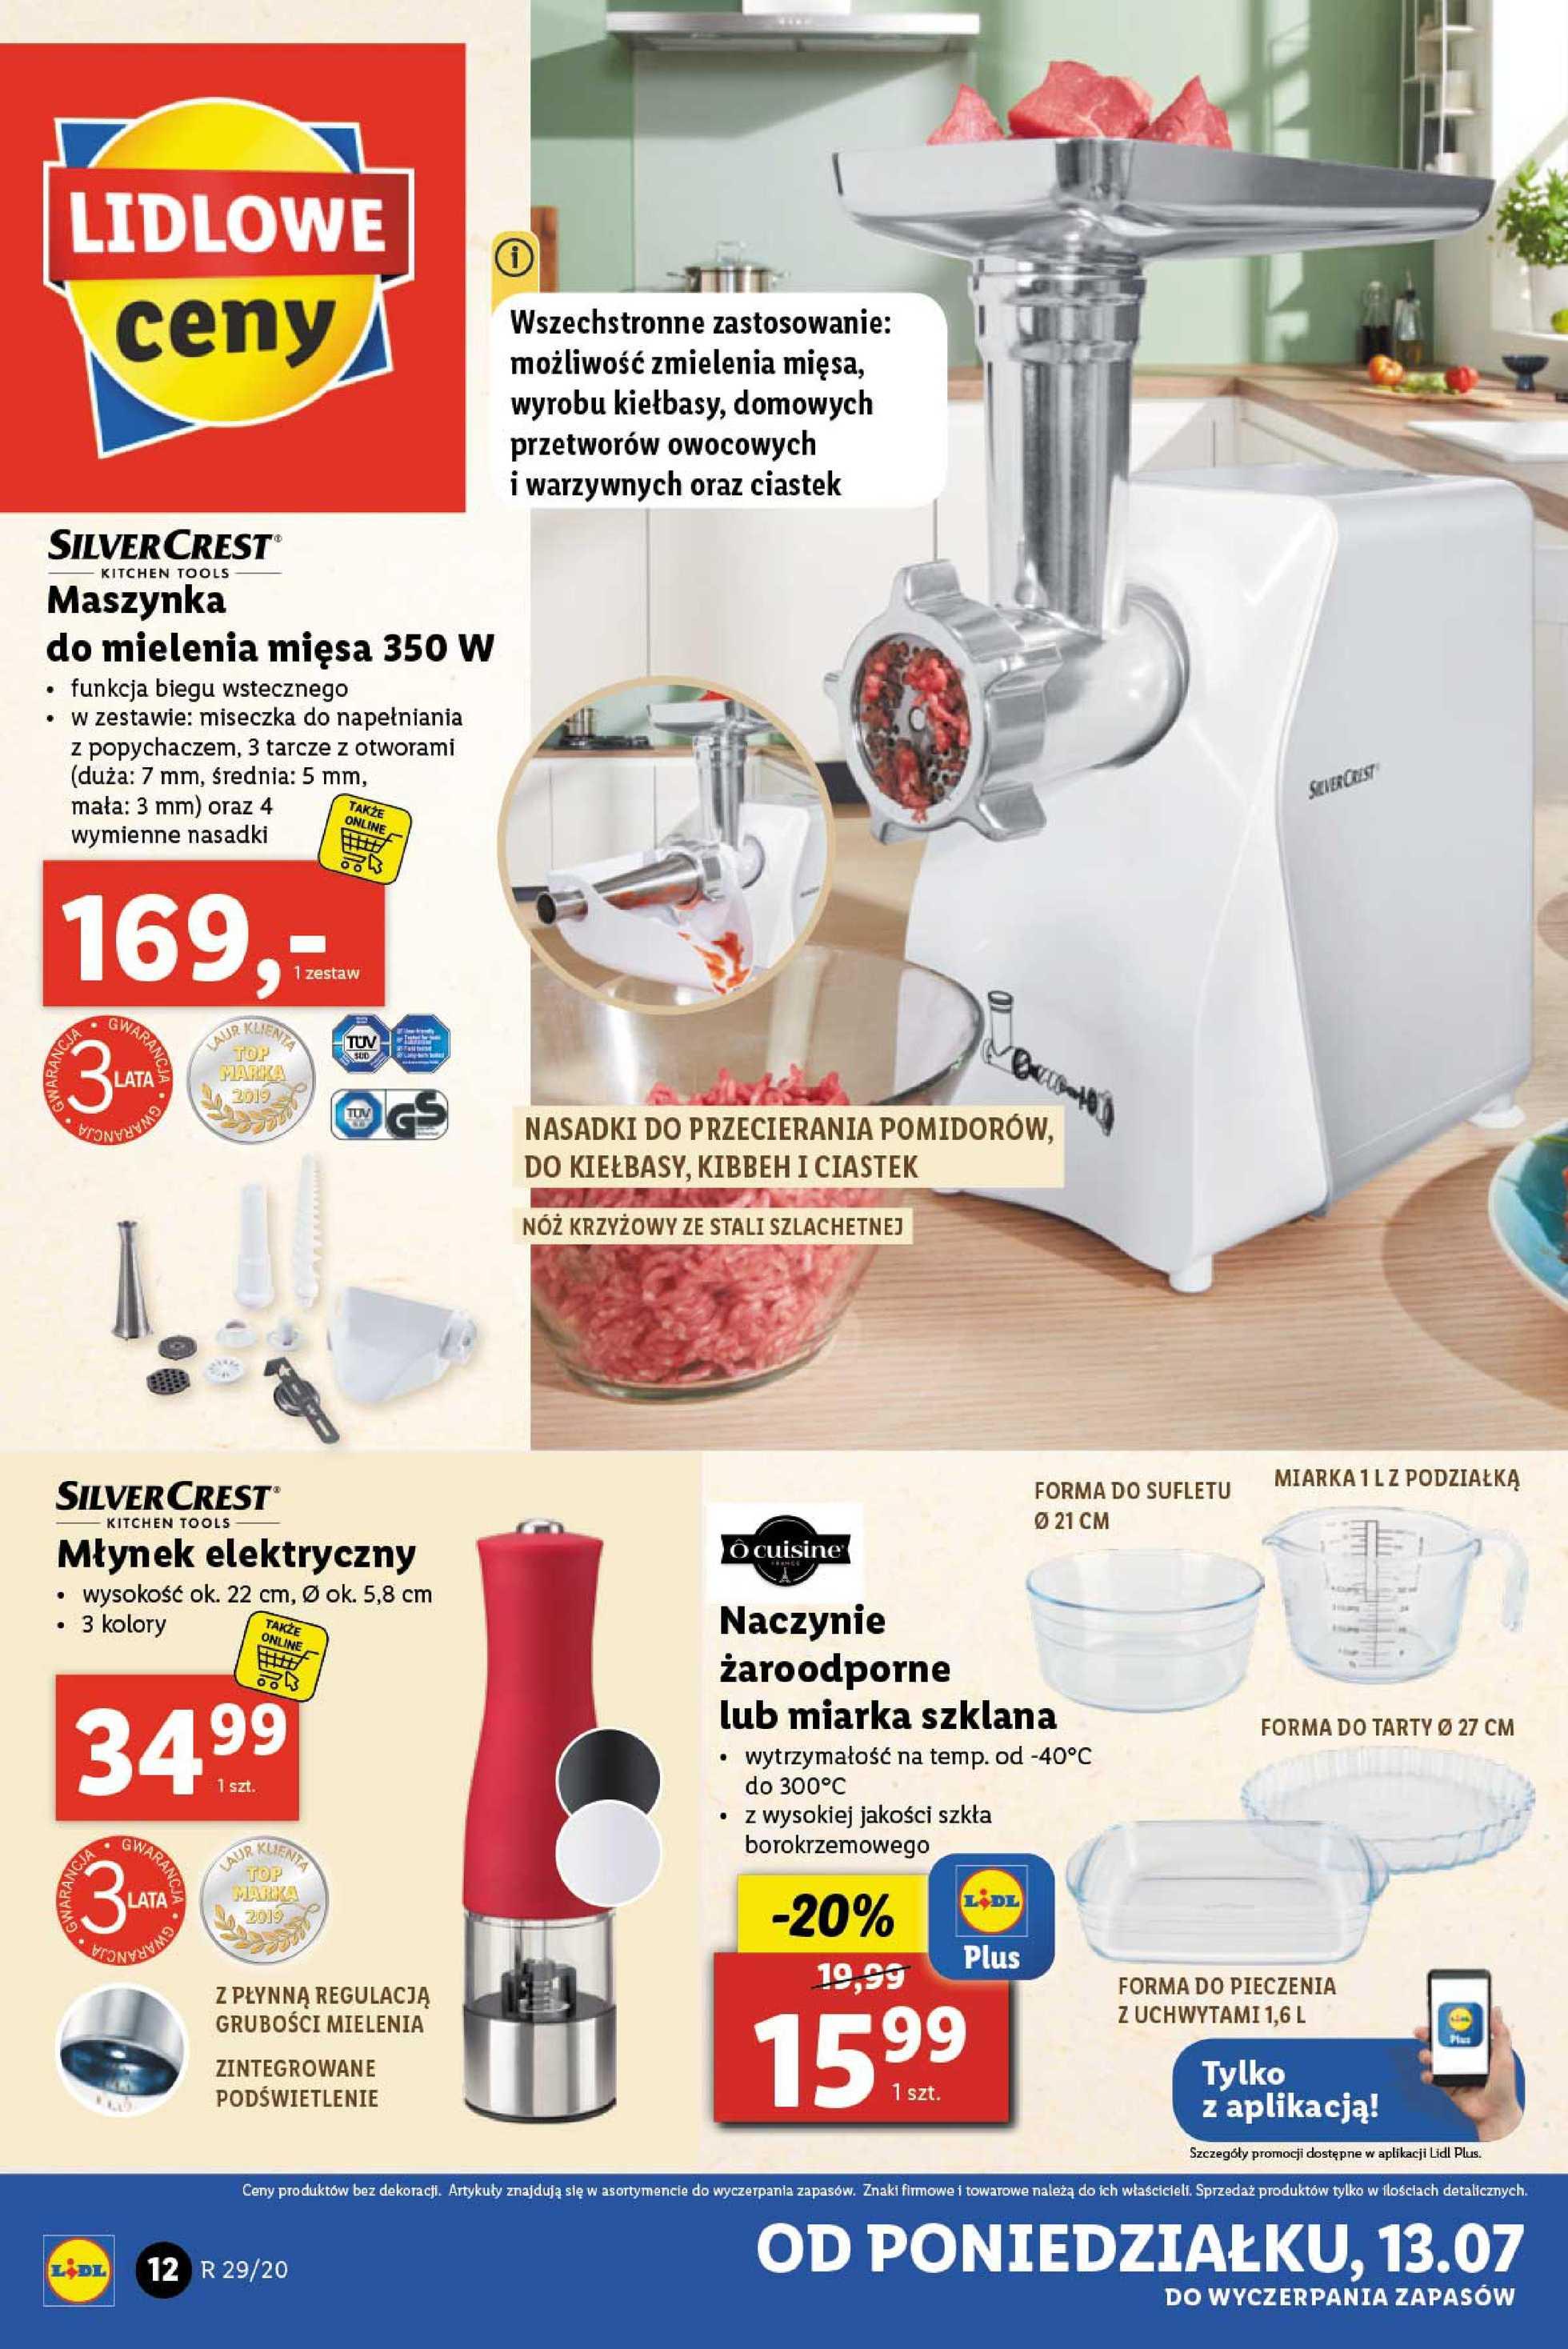 Lidl - gazetka promocyjna ważna od 13.07.2020 do 18.07.2020 - strona 4.